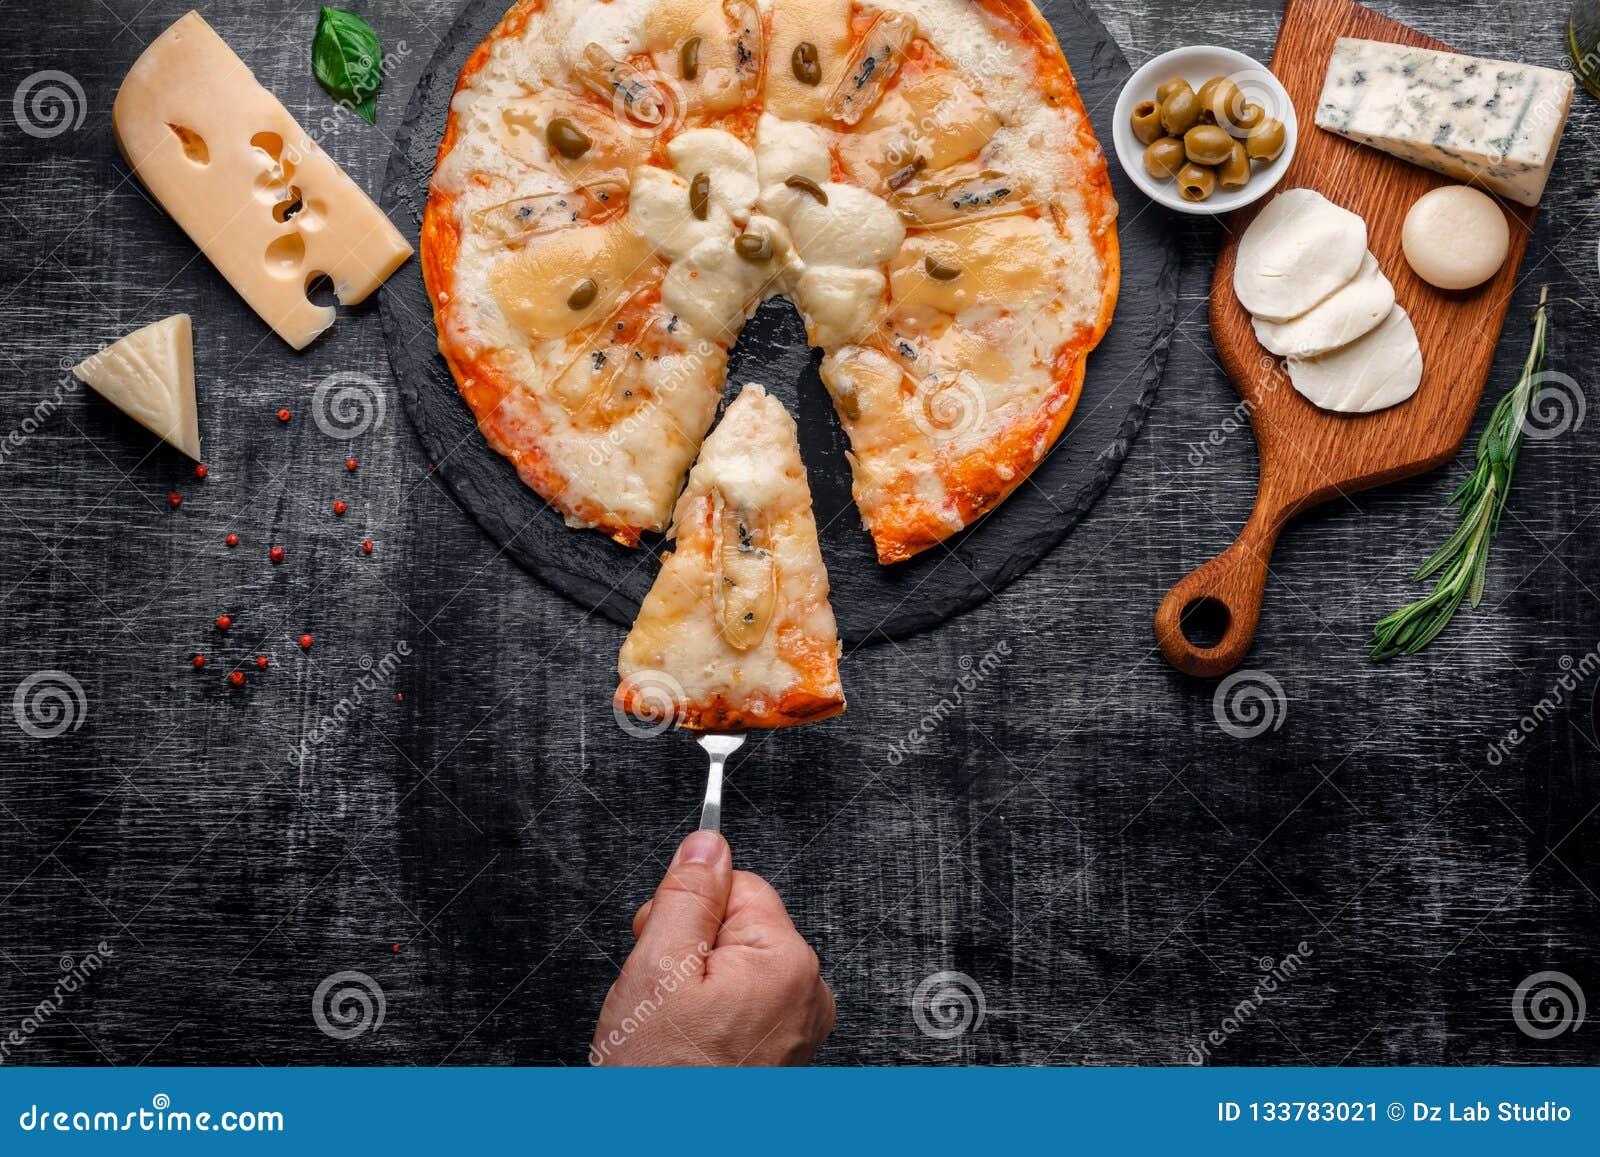 Pizza italiana com tipos diferentes de queijo em uma pedra e em uma placa de giz riscada preta Alimento tradicional italiano